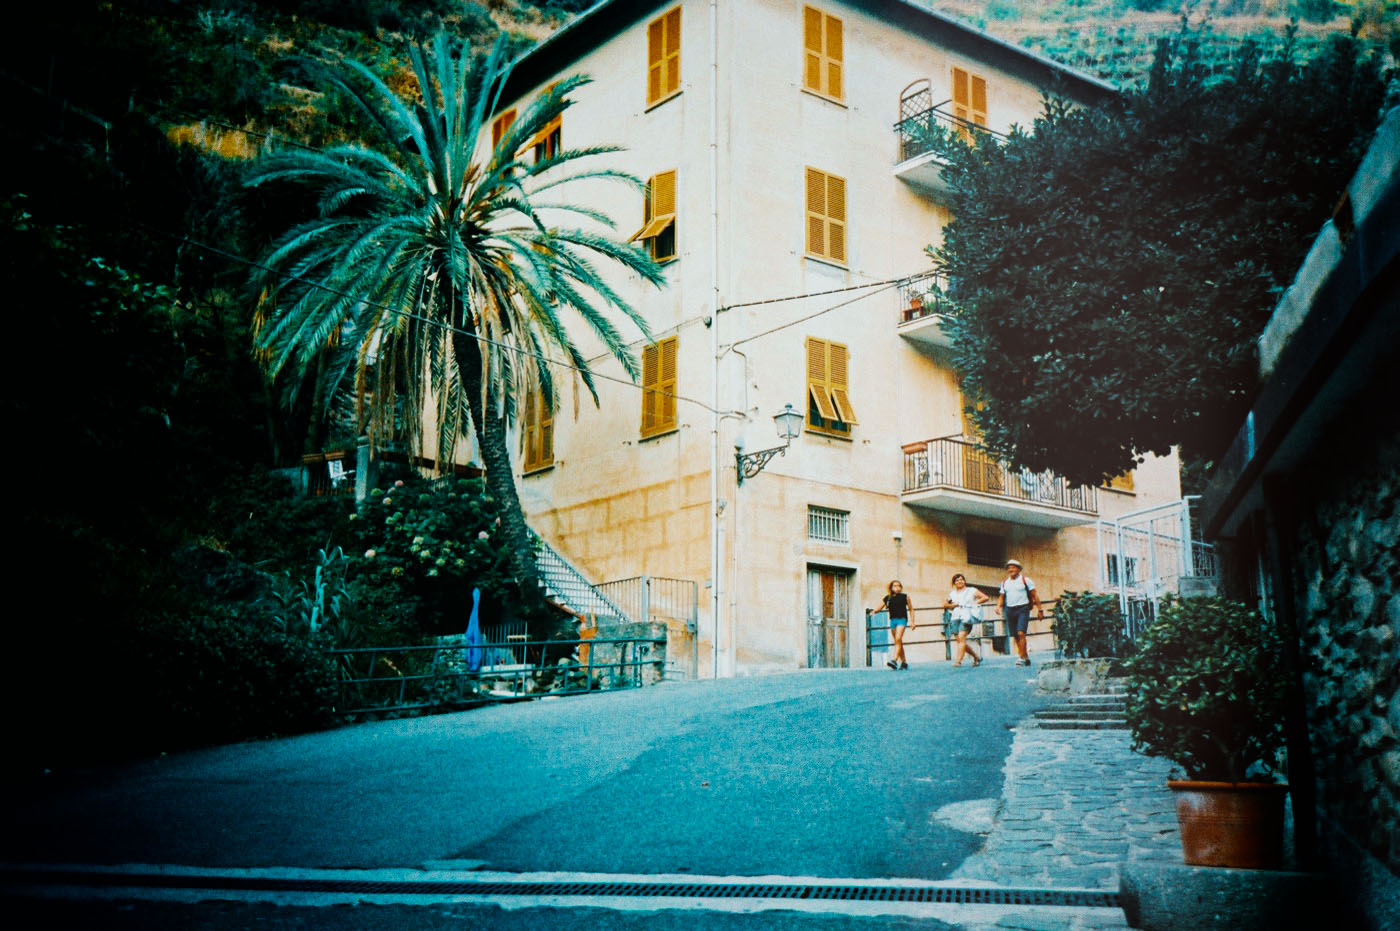 Manarola, Cinque Terre Italy - 35mm film